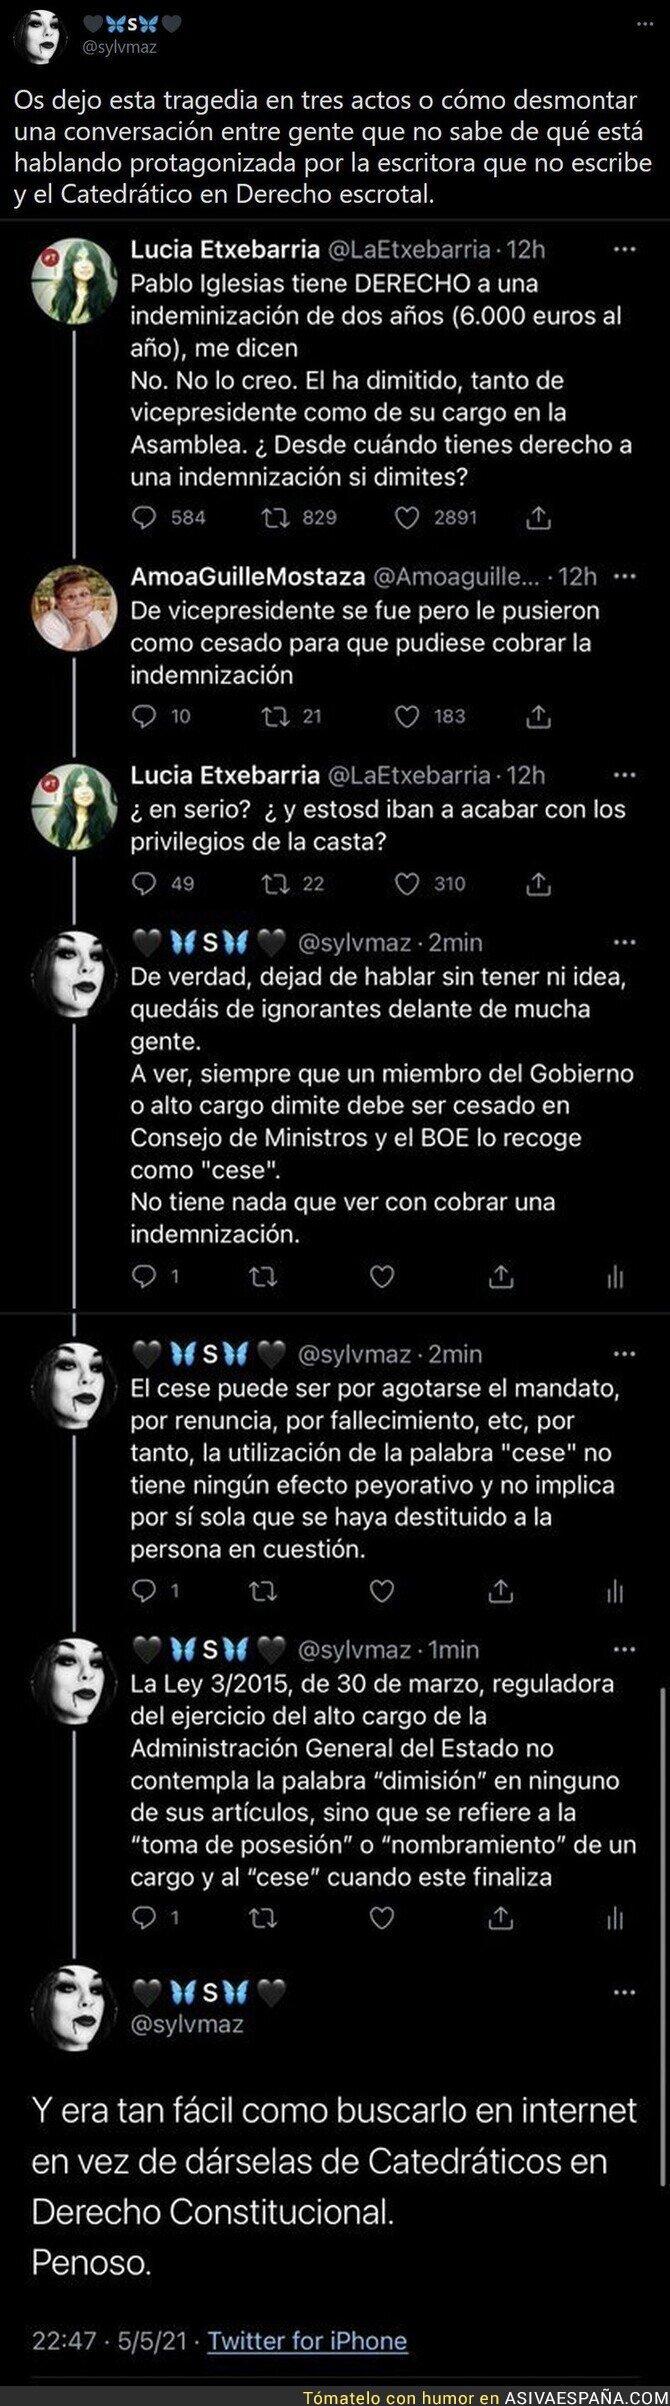 742937 - Así corren los bulos de Pablo Iglesias sin tener ni idea de nada